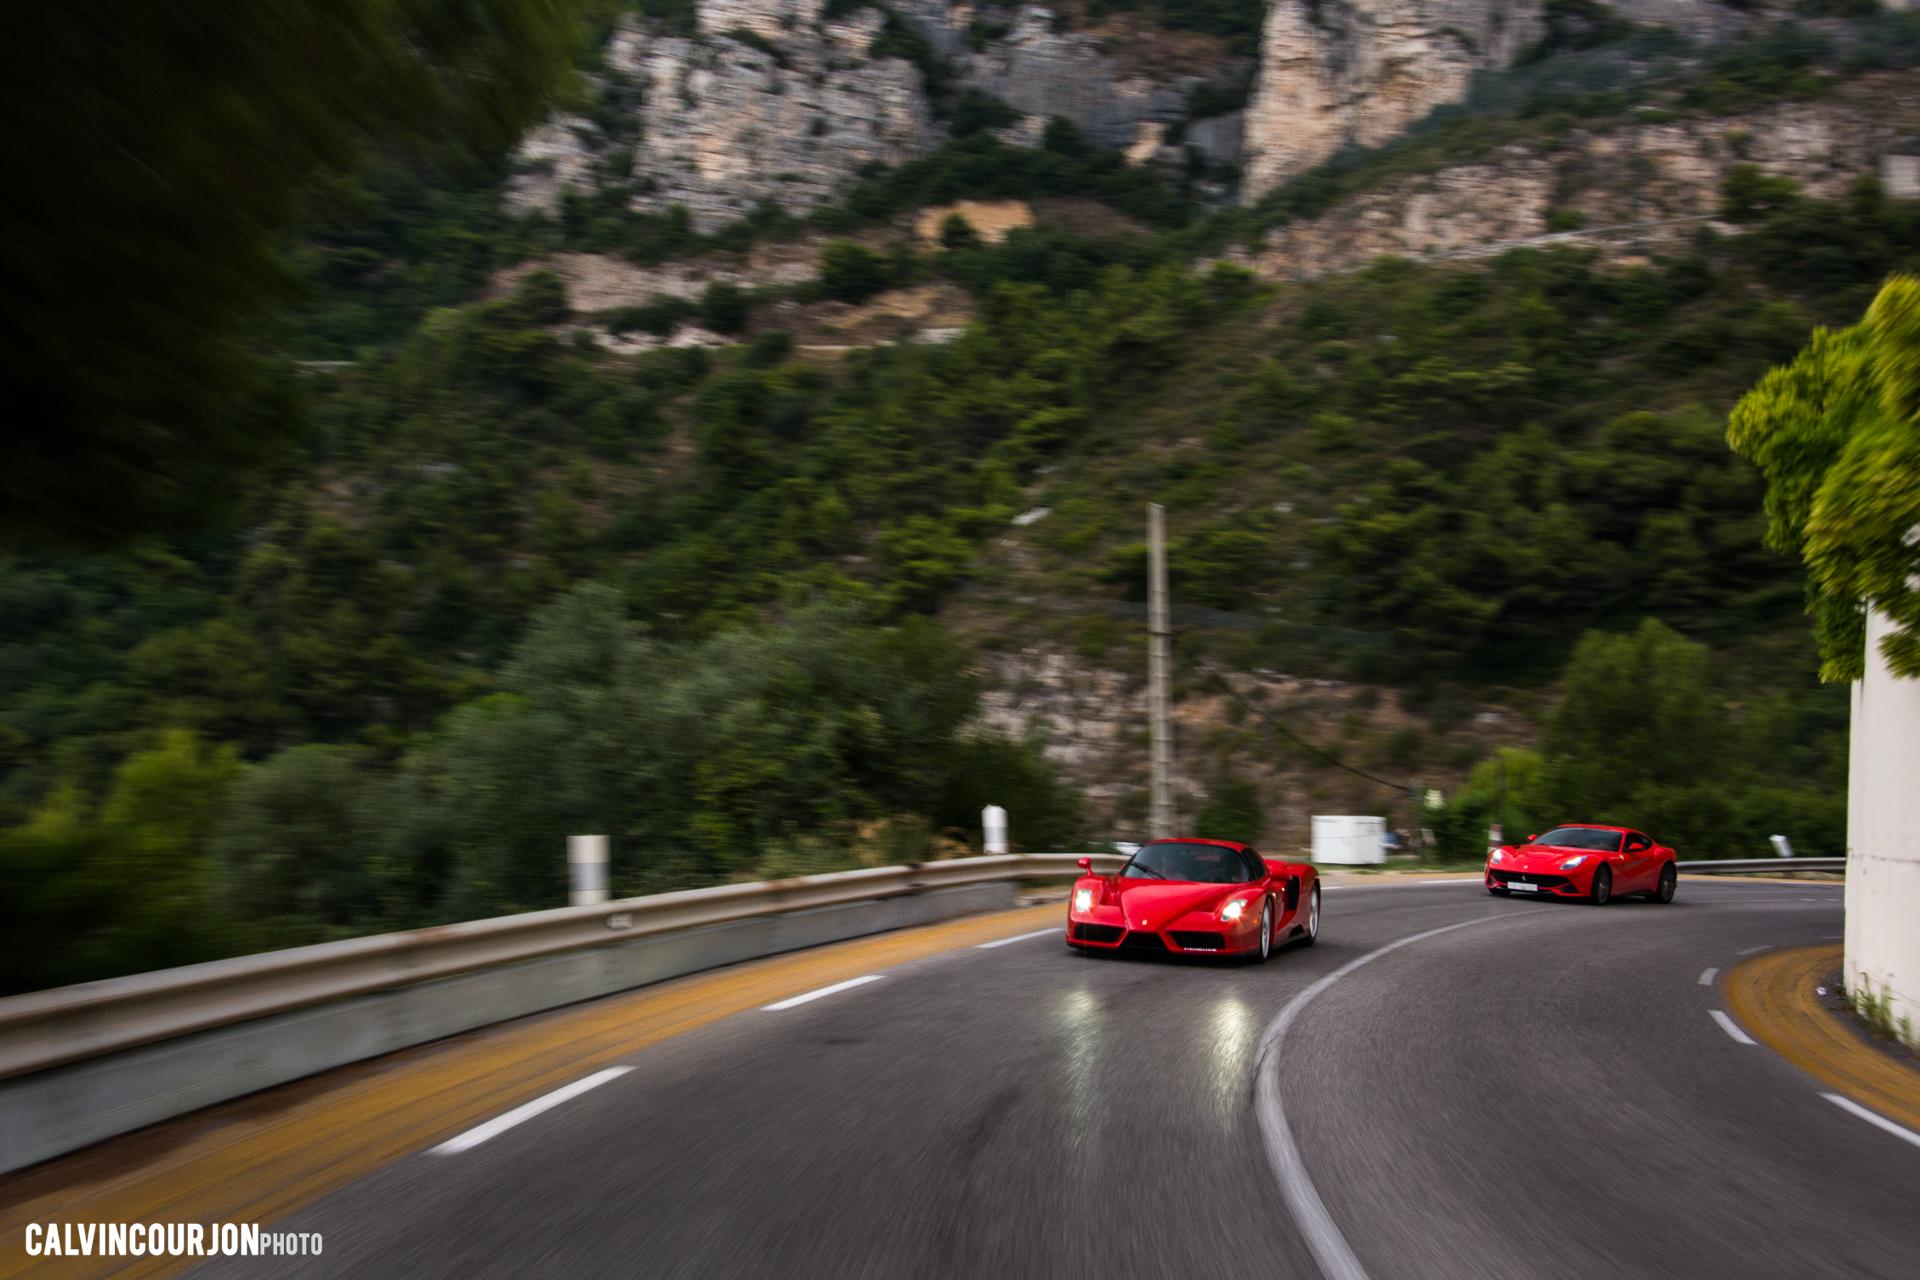 Ferrari Enzo, Ferrari F12 - sur route - Cote dAzur - 2015 - Calvin Courjon